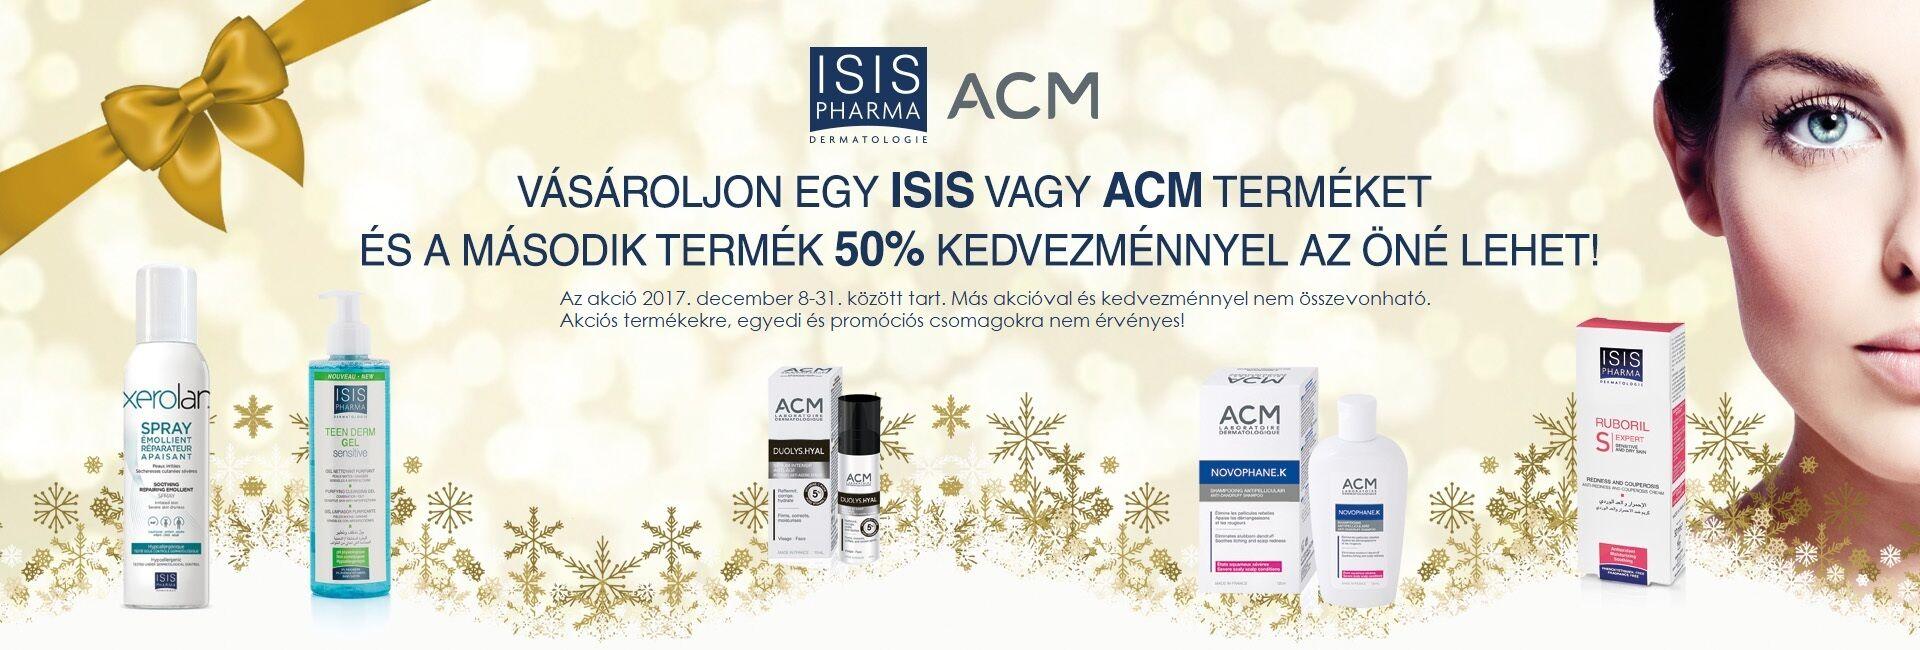 A 2. ACM vagy ISIS Pharma terméket 50% kedvezménnyel kínáljuk!